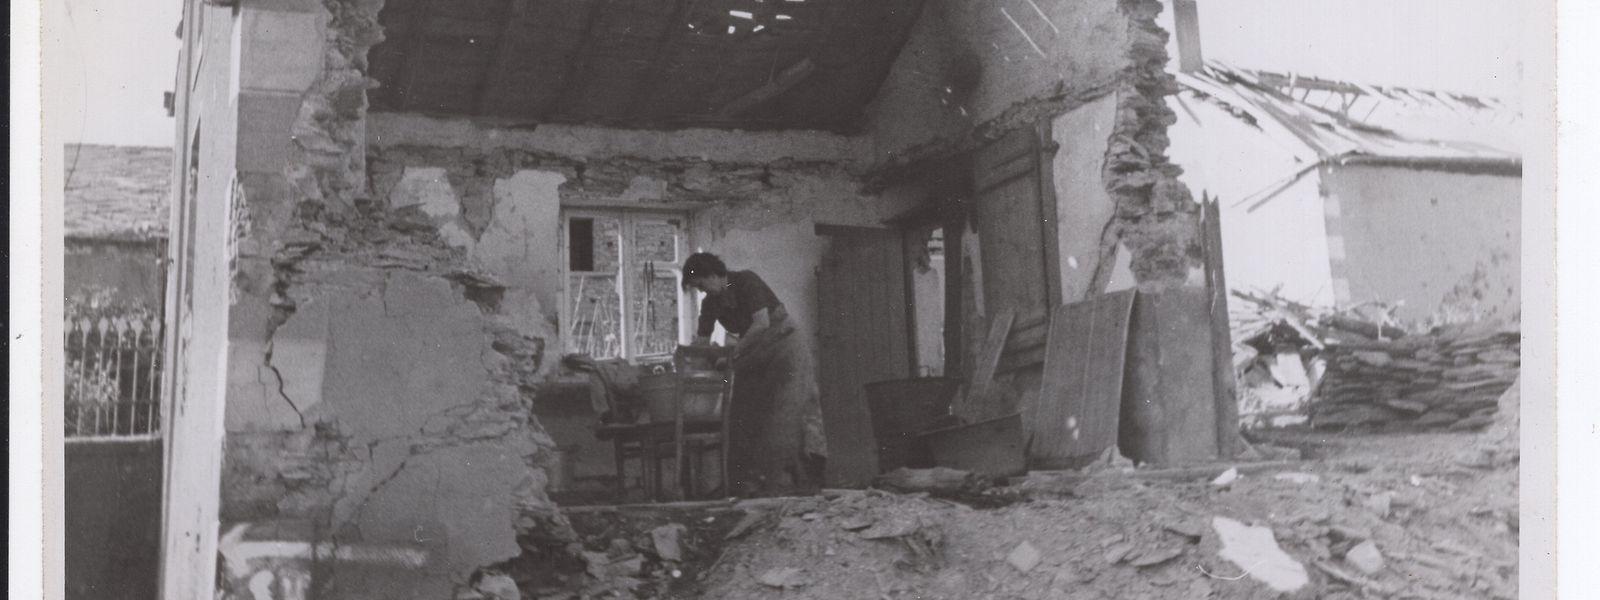 Viele Familien aus zerbombten Häusern, vor allem im Norden des Landes, brauchten nach Kriegsende Hilfe von Arbeitern aus dem Süden und von den Staatsarchitekten.